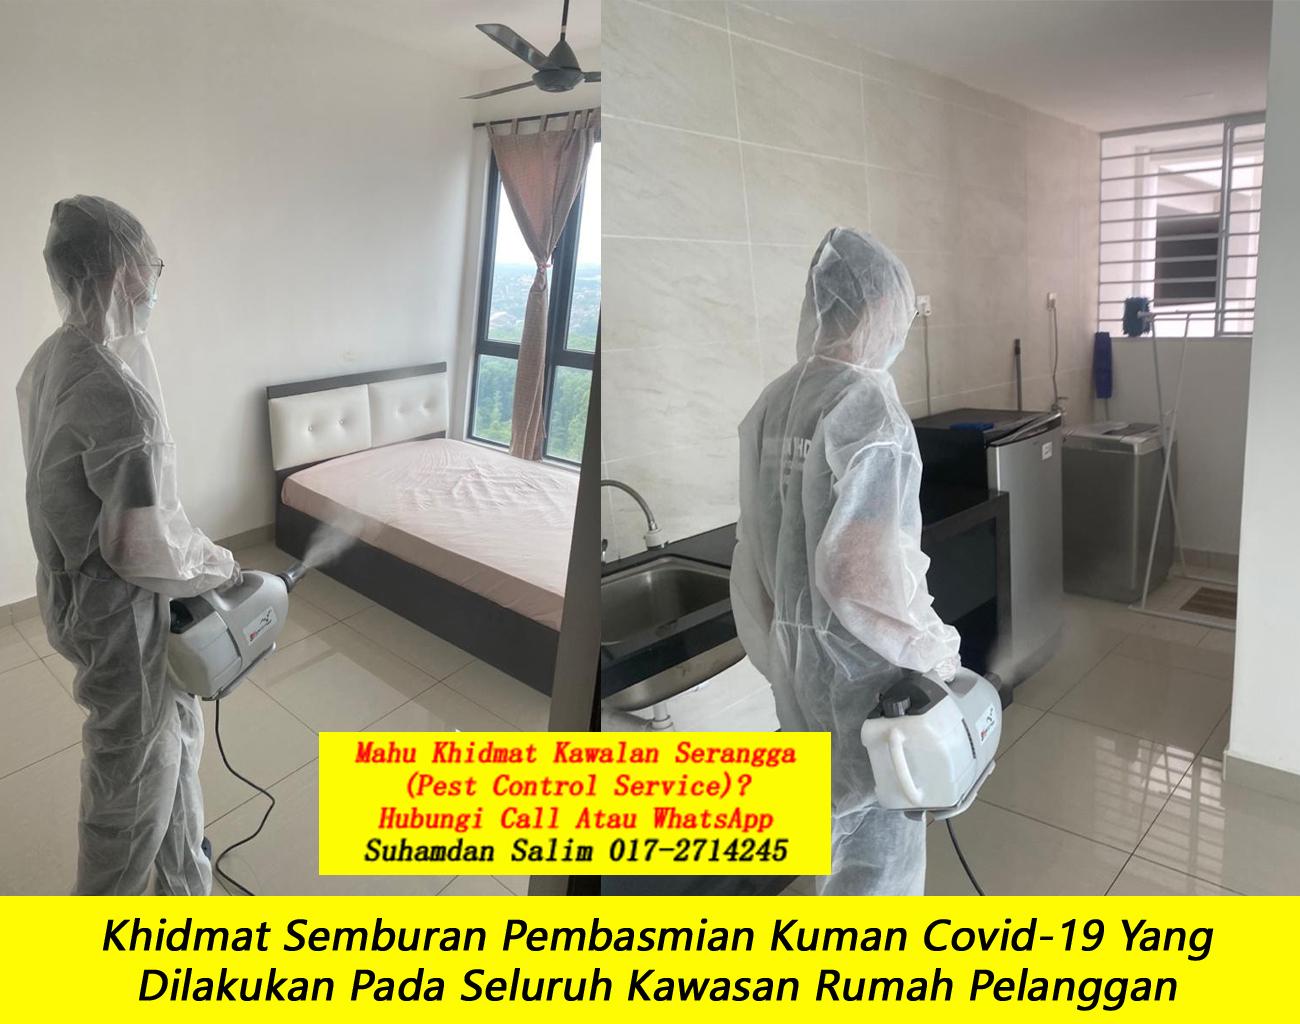 khidmat sanitizing membasmi kuman Covid-19 Disinfection Service di skudai semburan membasmi kuman covid 19 paling berkesan dengan harga berpatutan the best service covid-19